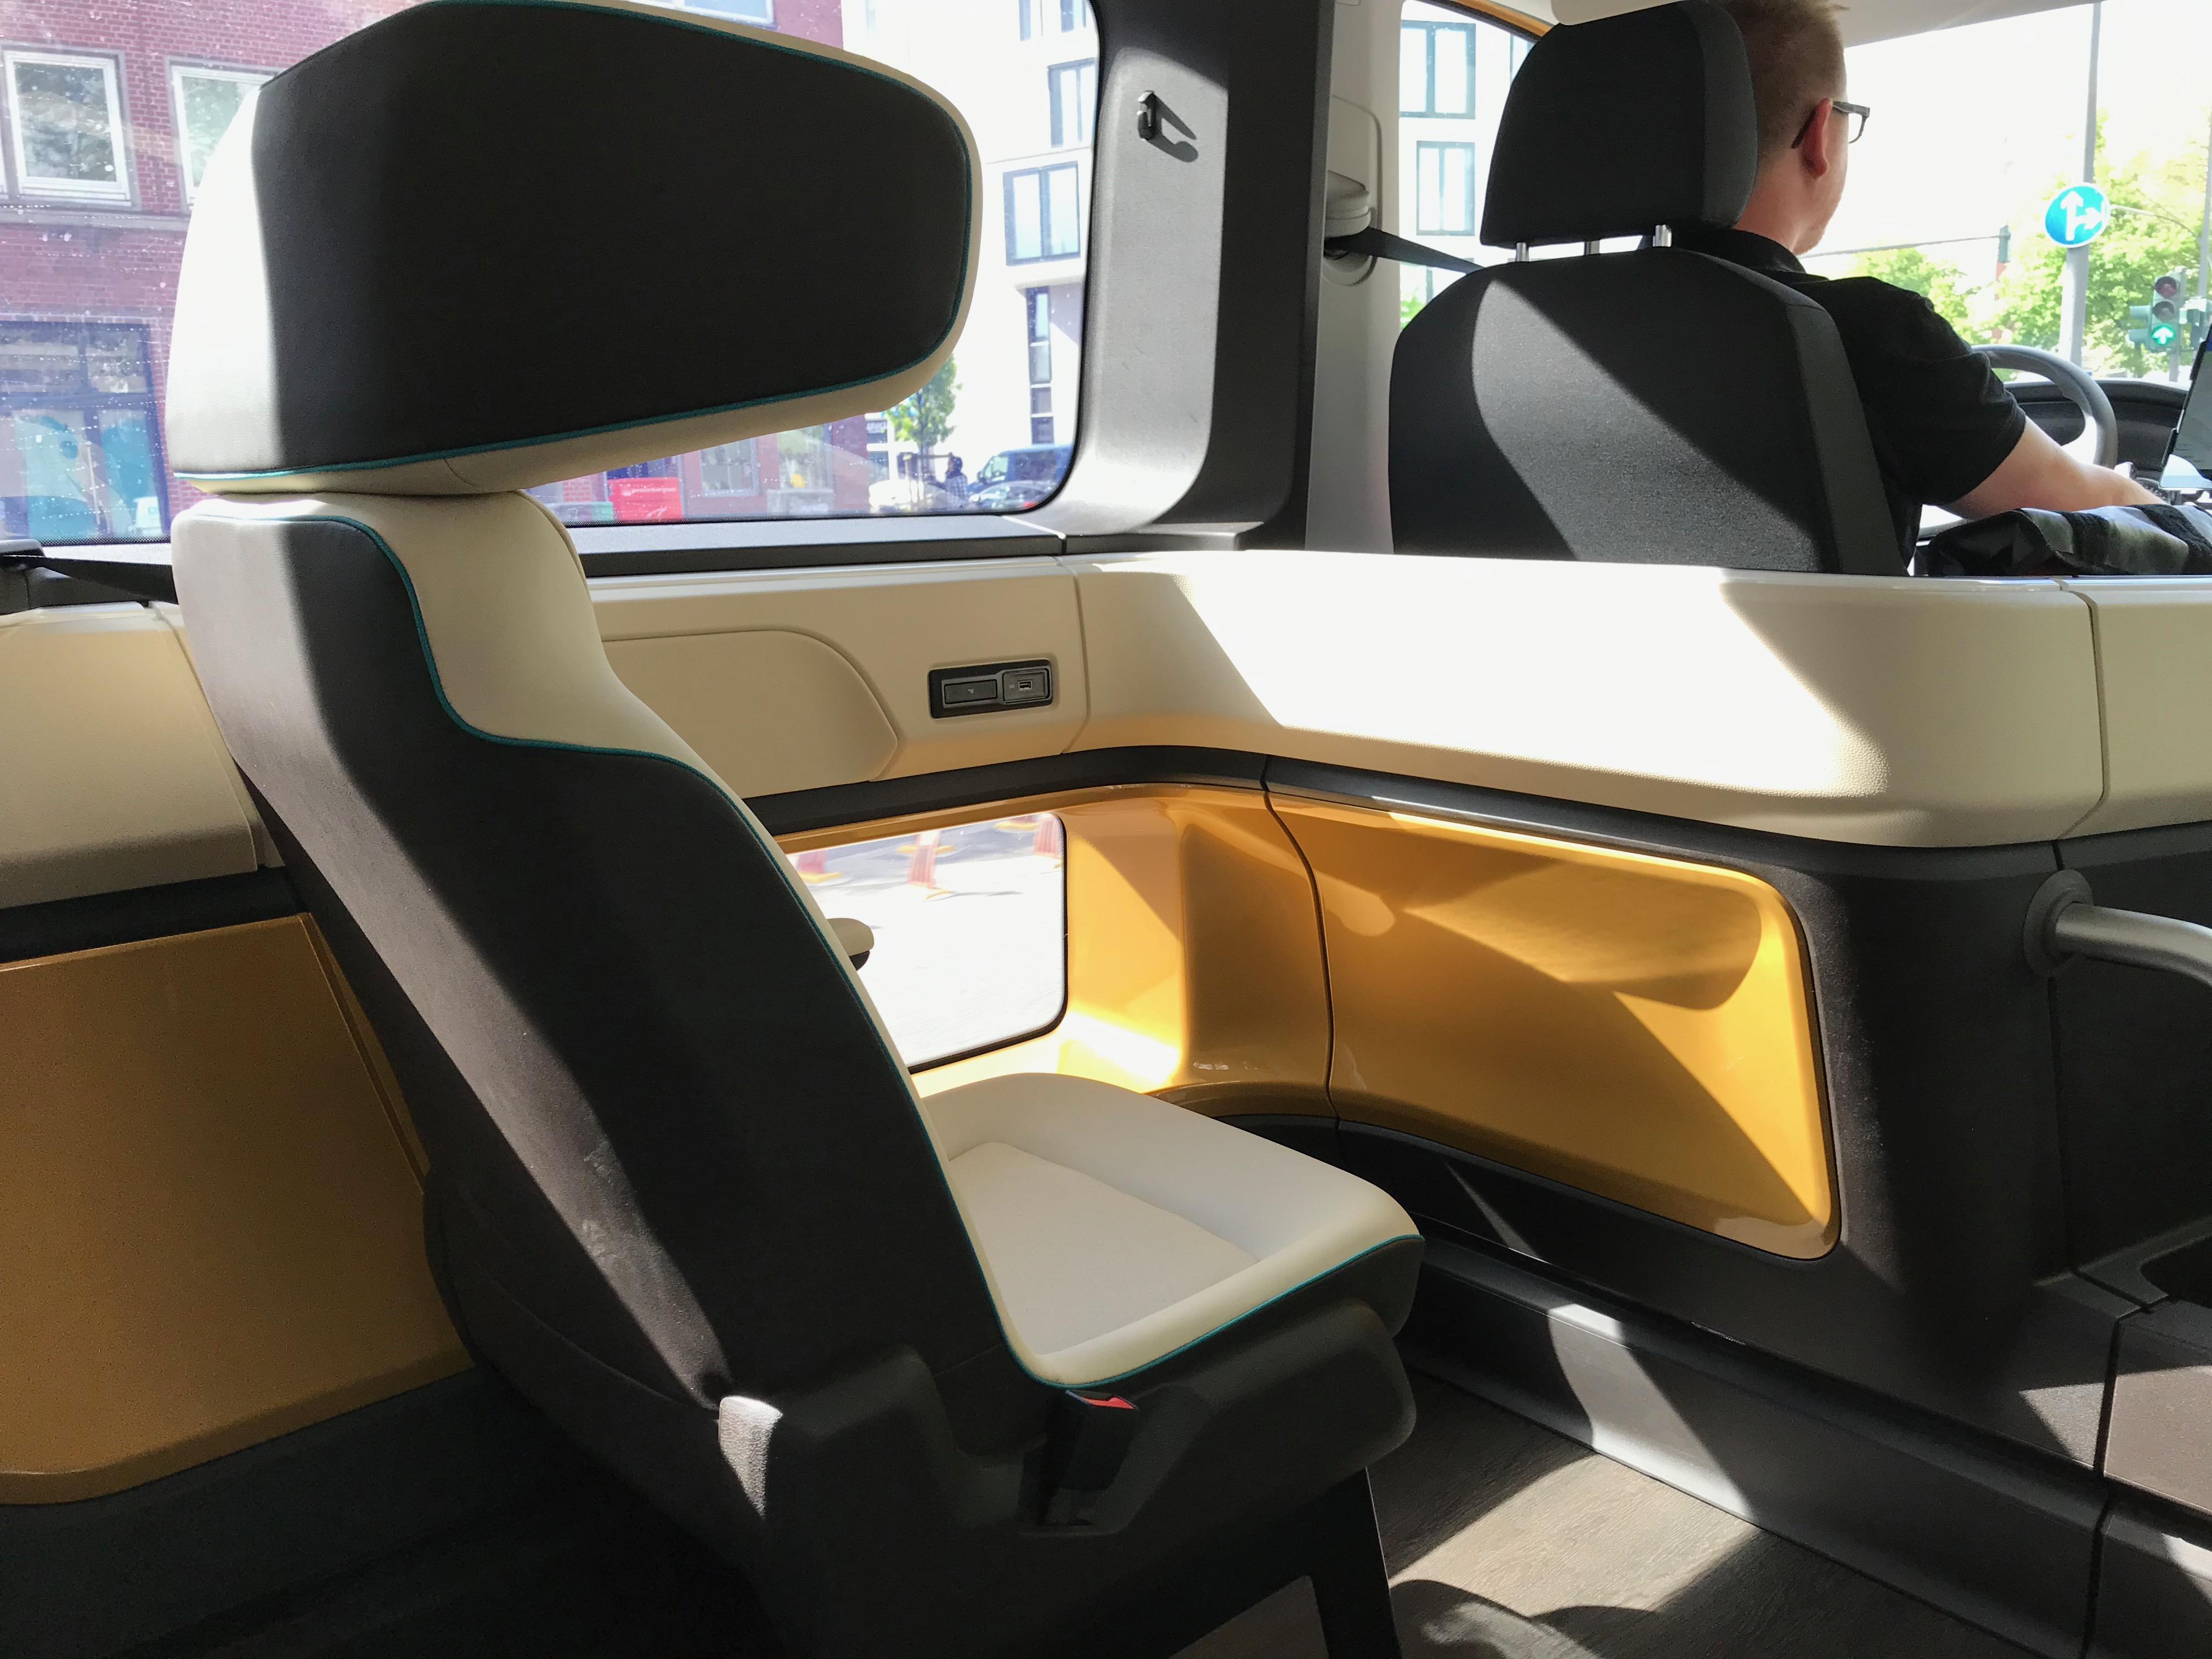 Futuristische Sitze mit USB-Anschluss